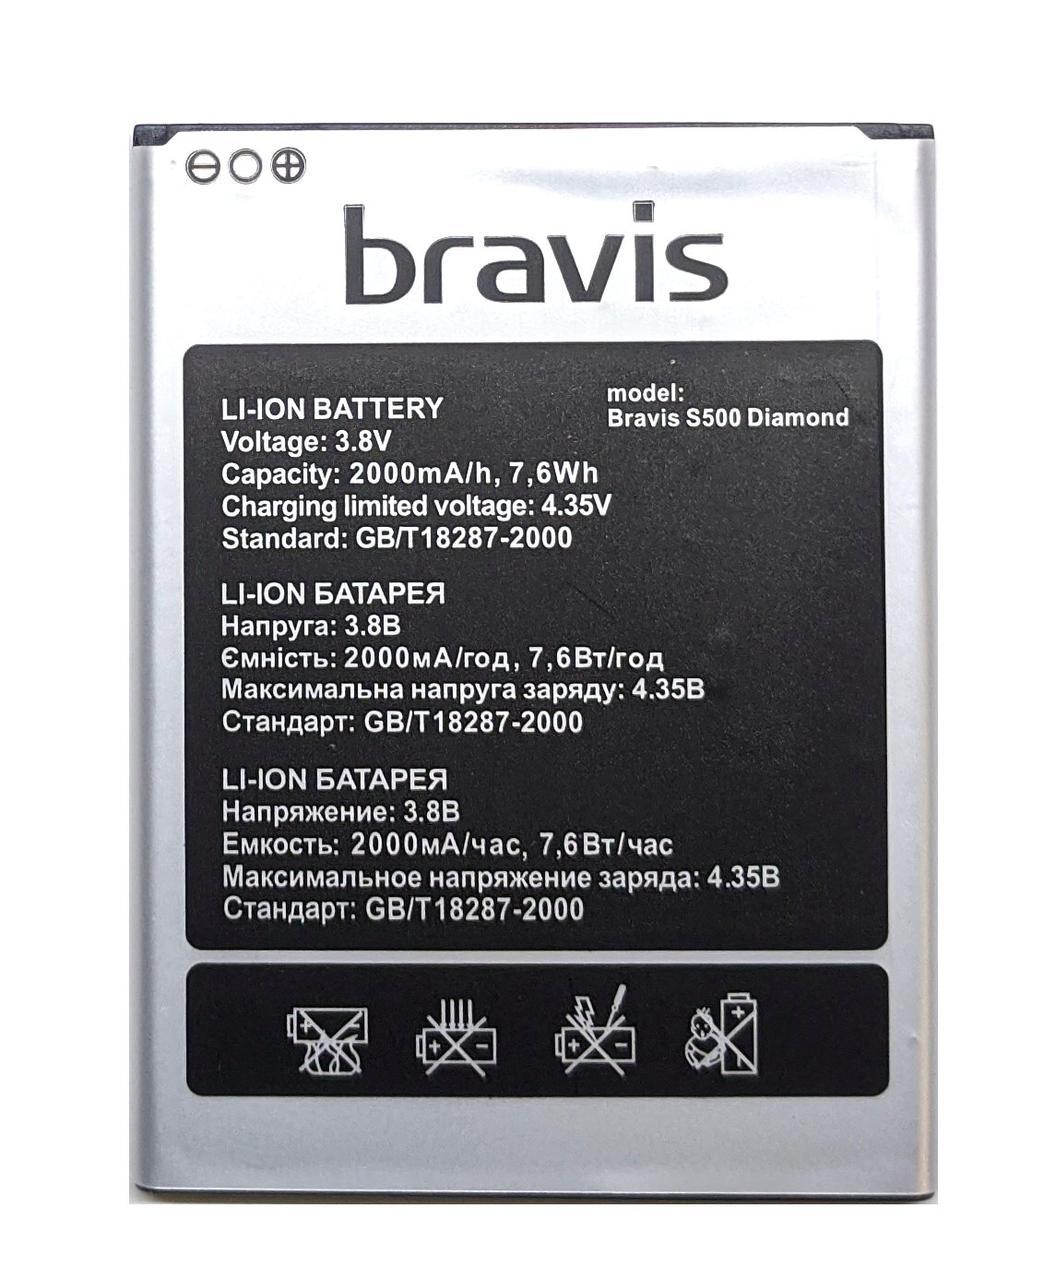 Bravis S500 Diamond Акумулятор Батарея